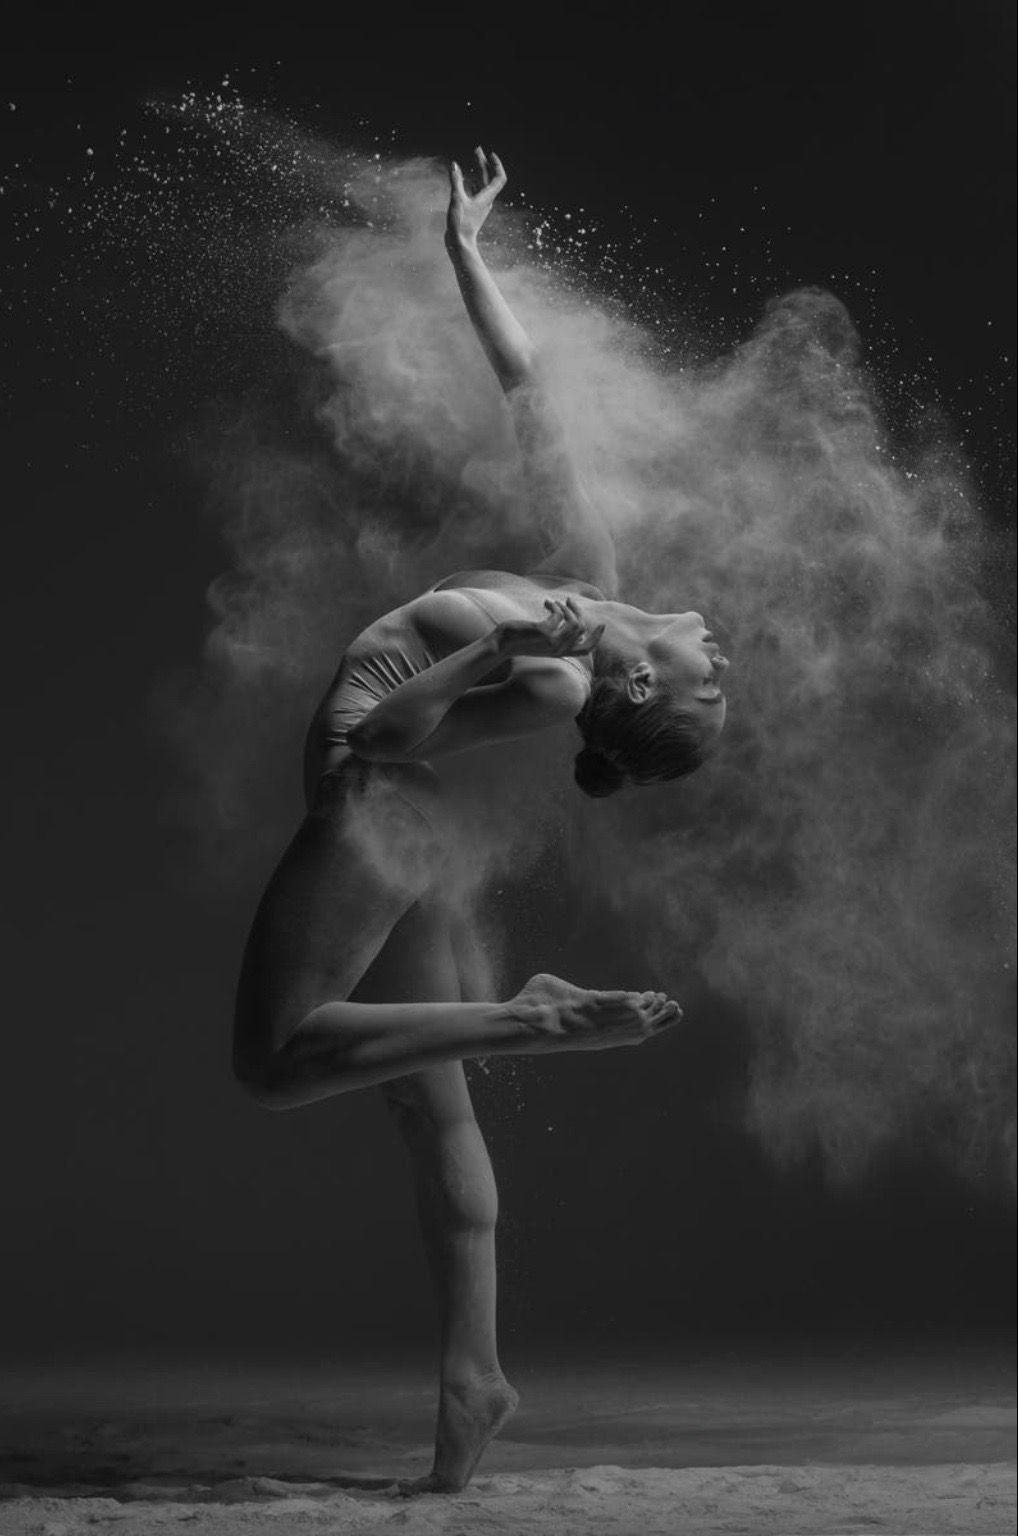 правила фотографирования танцоров это еще один